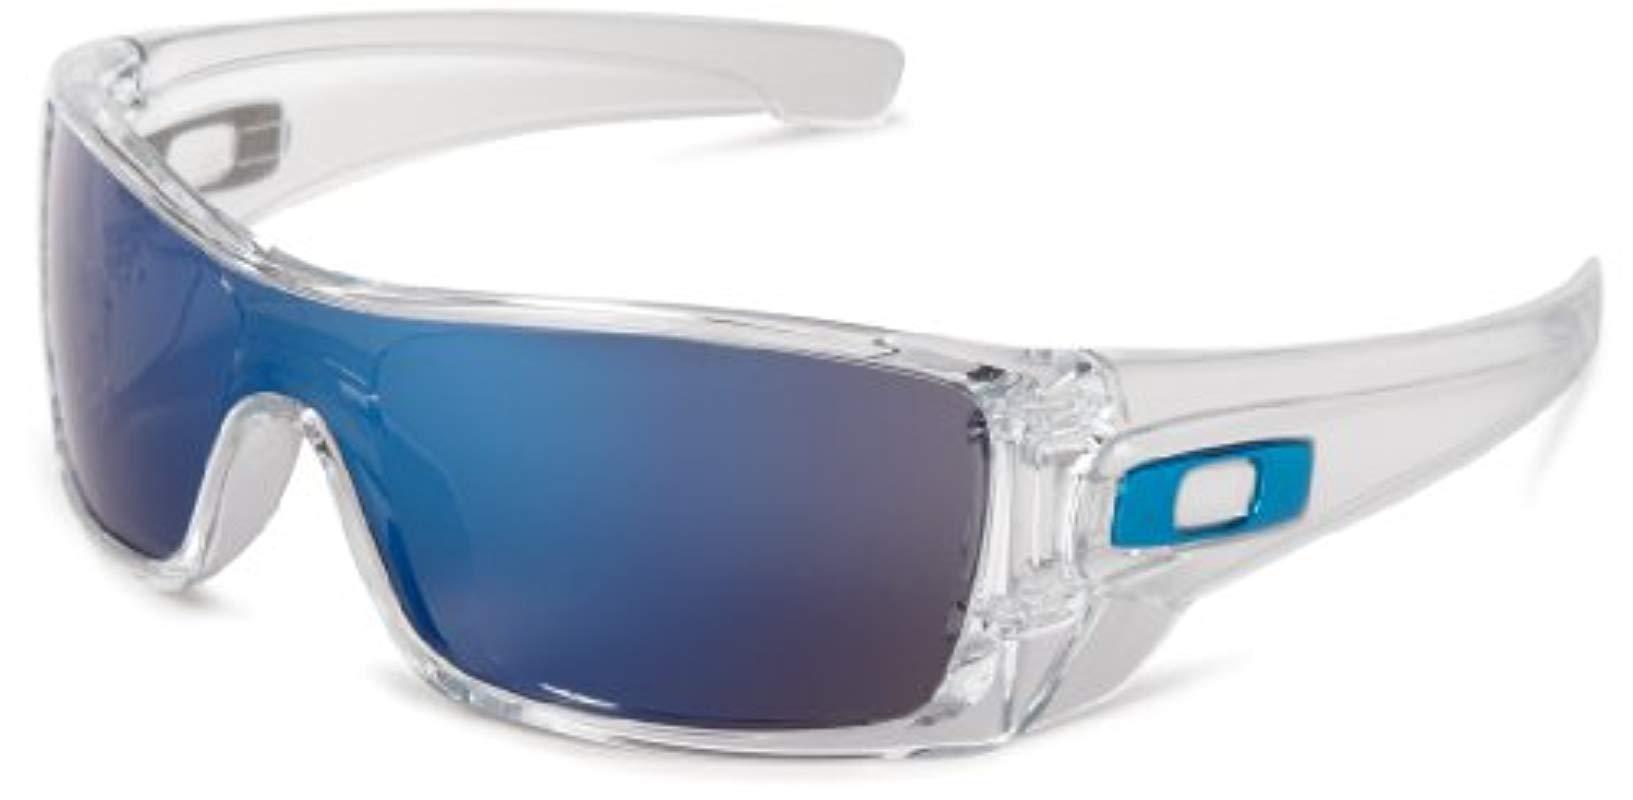 df2883be5d9 Oakley. Men s Batwolf Sunglasses